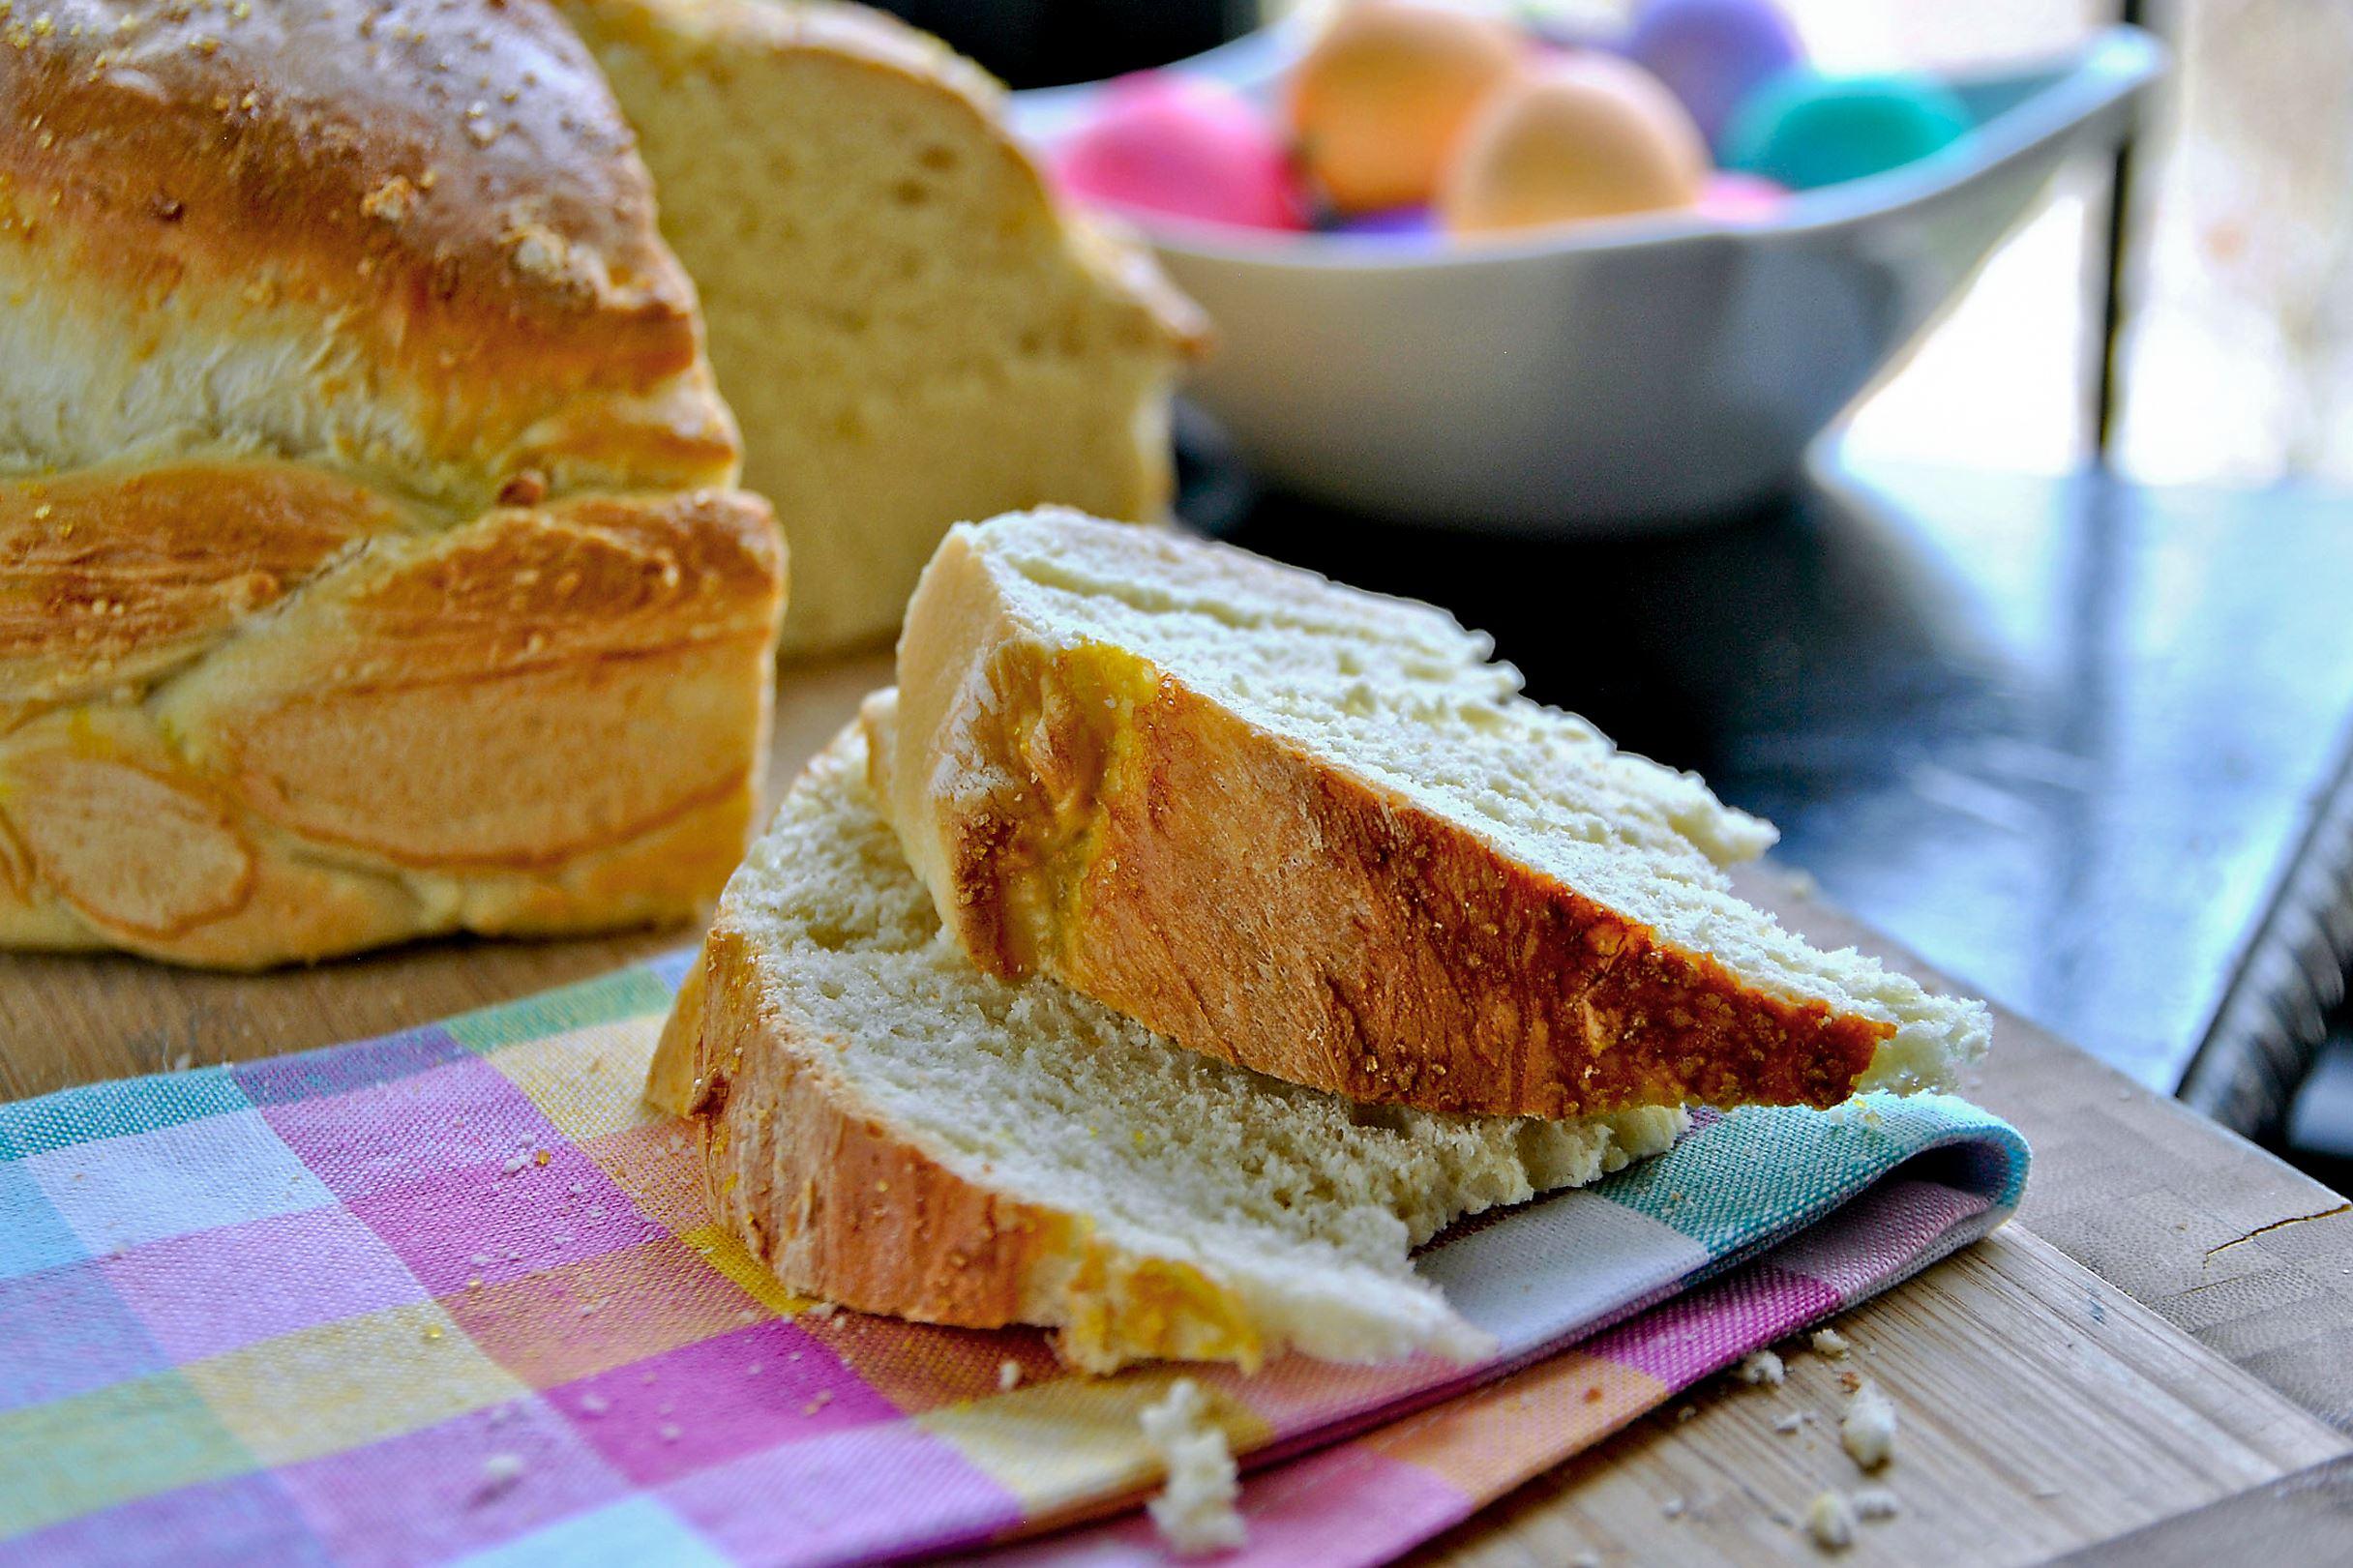 Easter-paska-2-2 Paska (Ukrainian Easter bread).